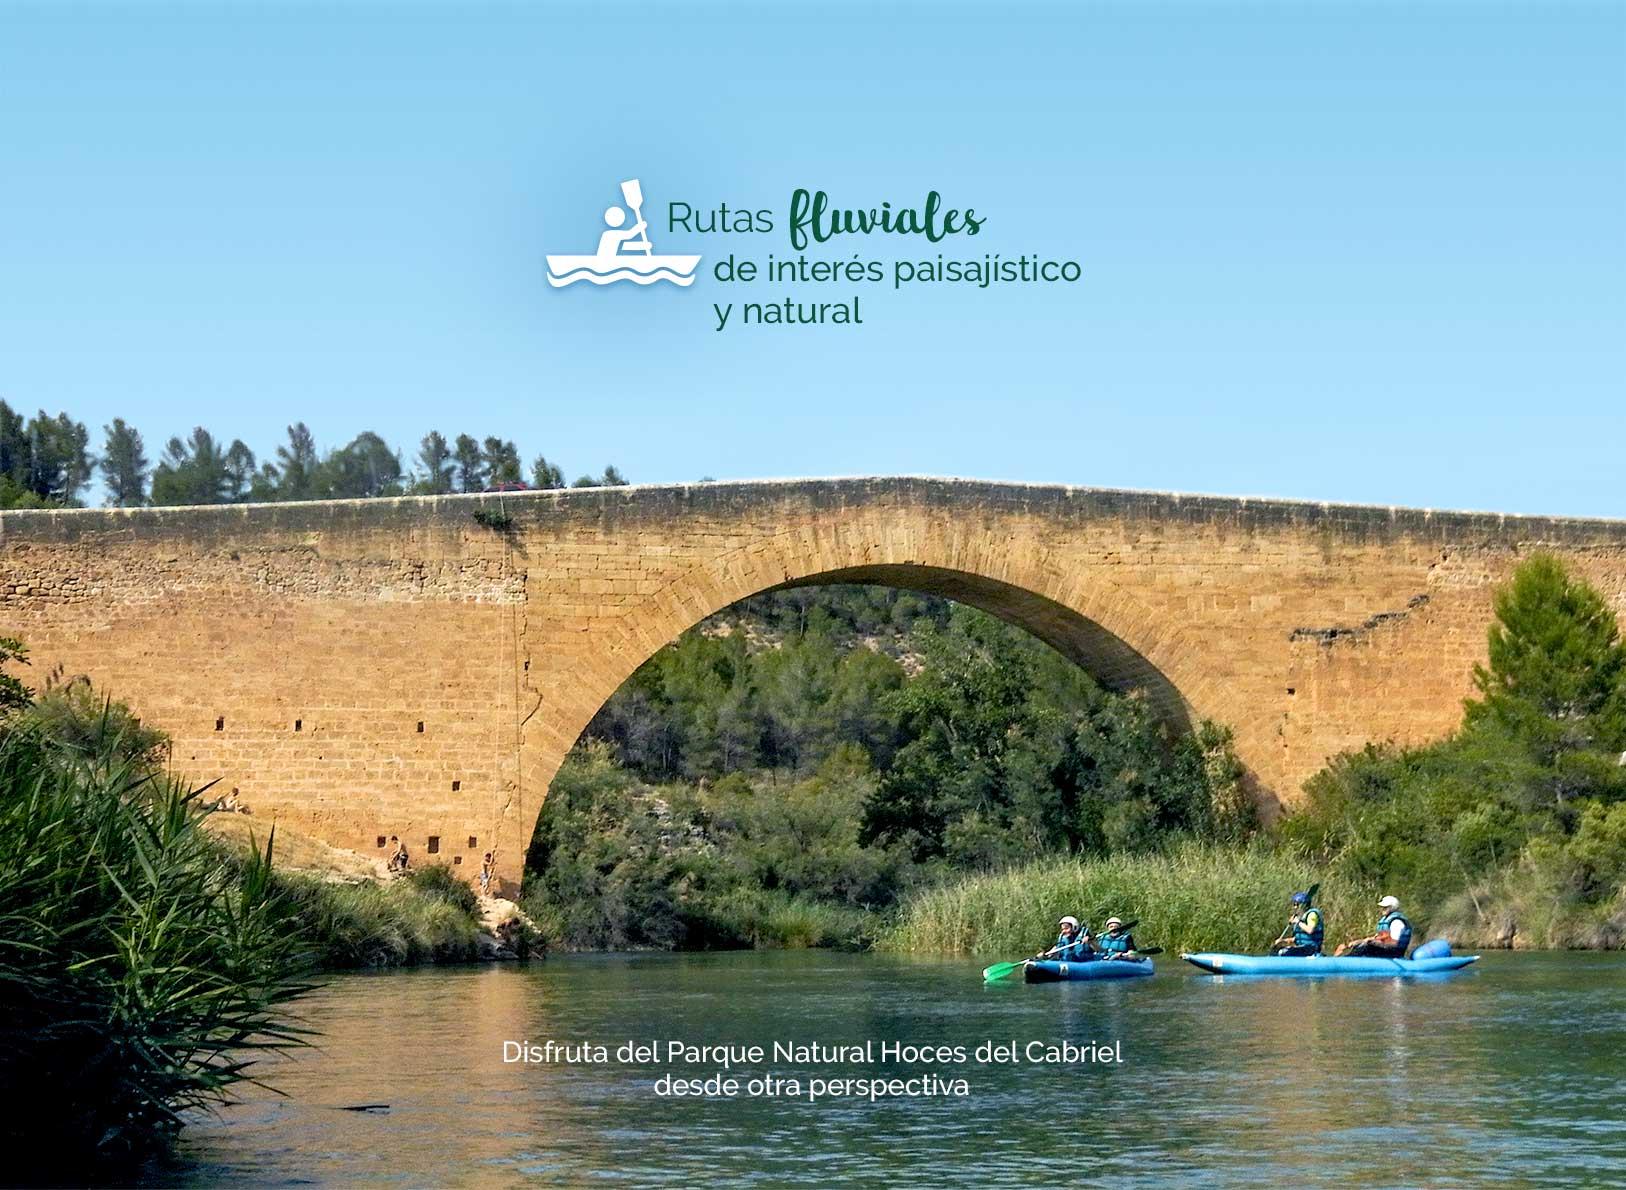 Rutas fluviales de interés paisajístico y natural.